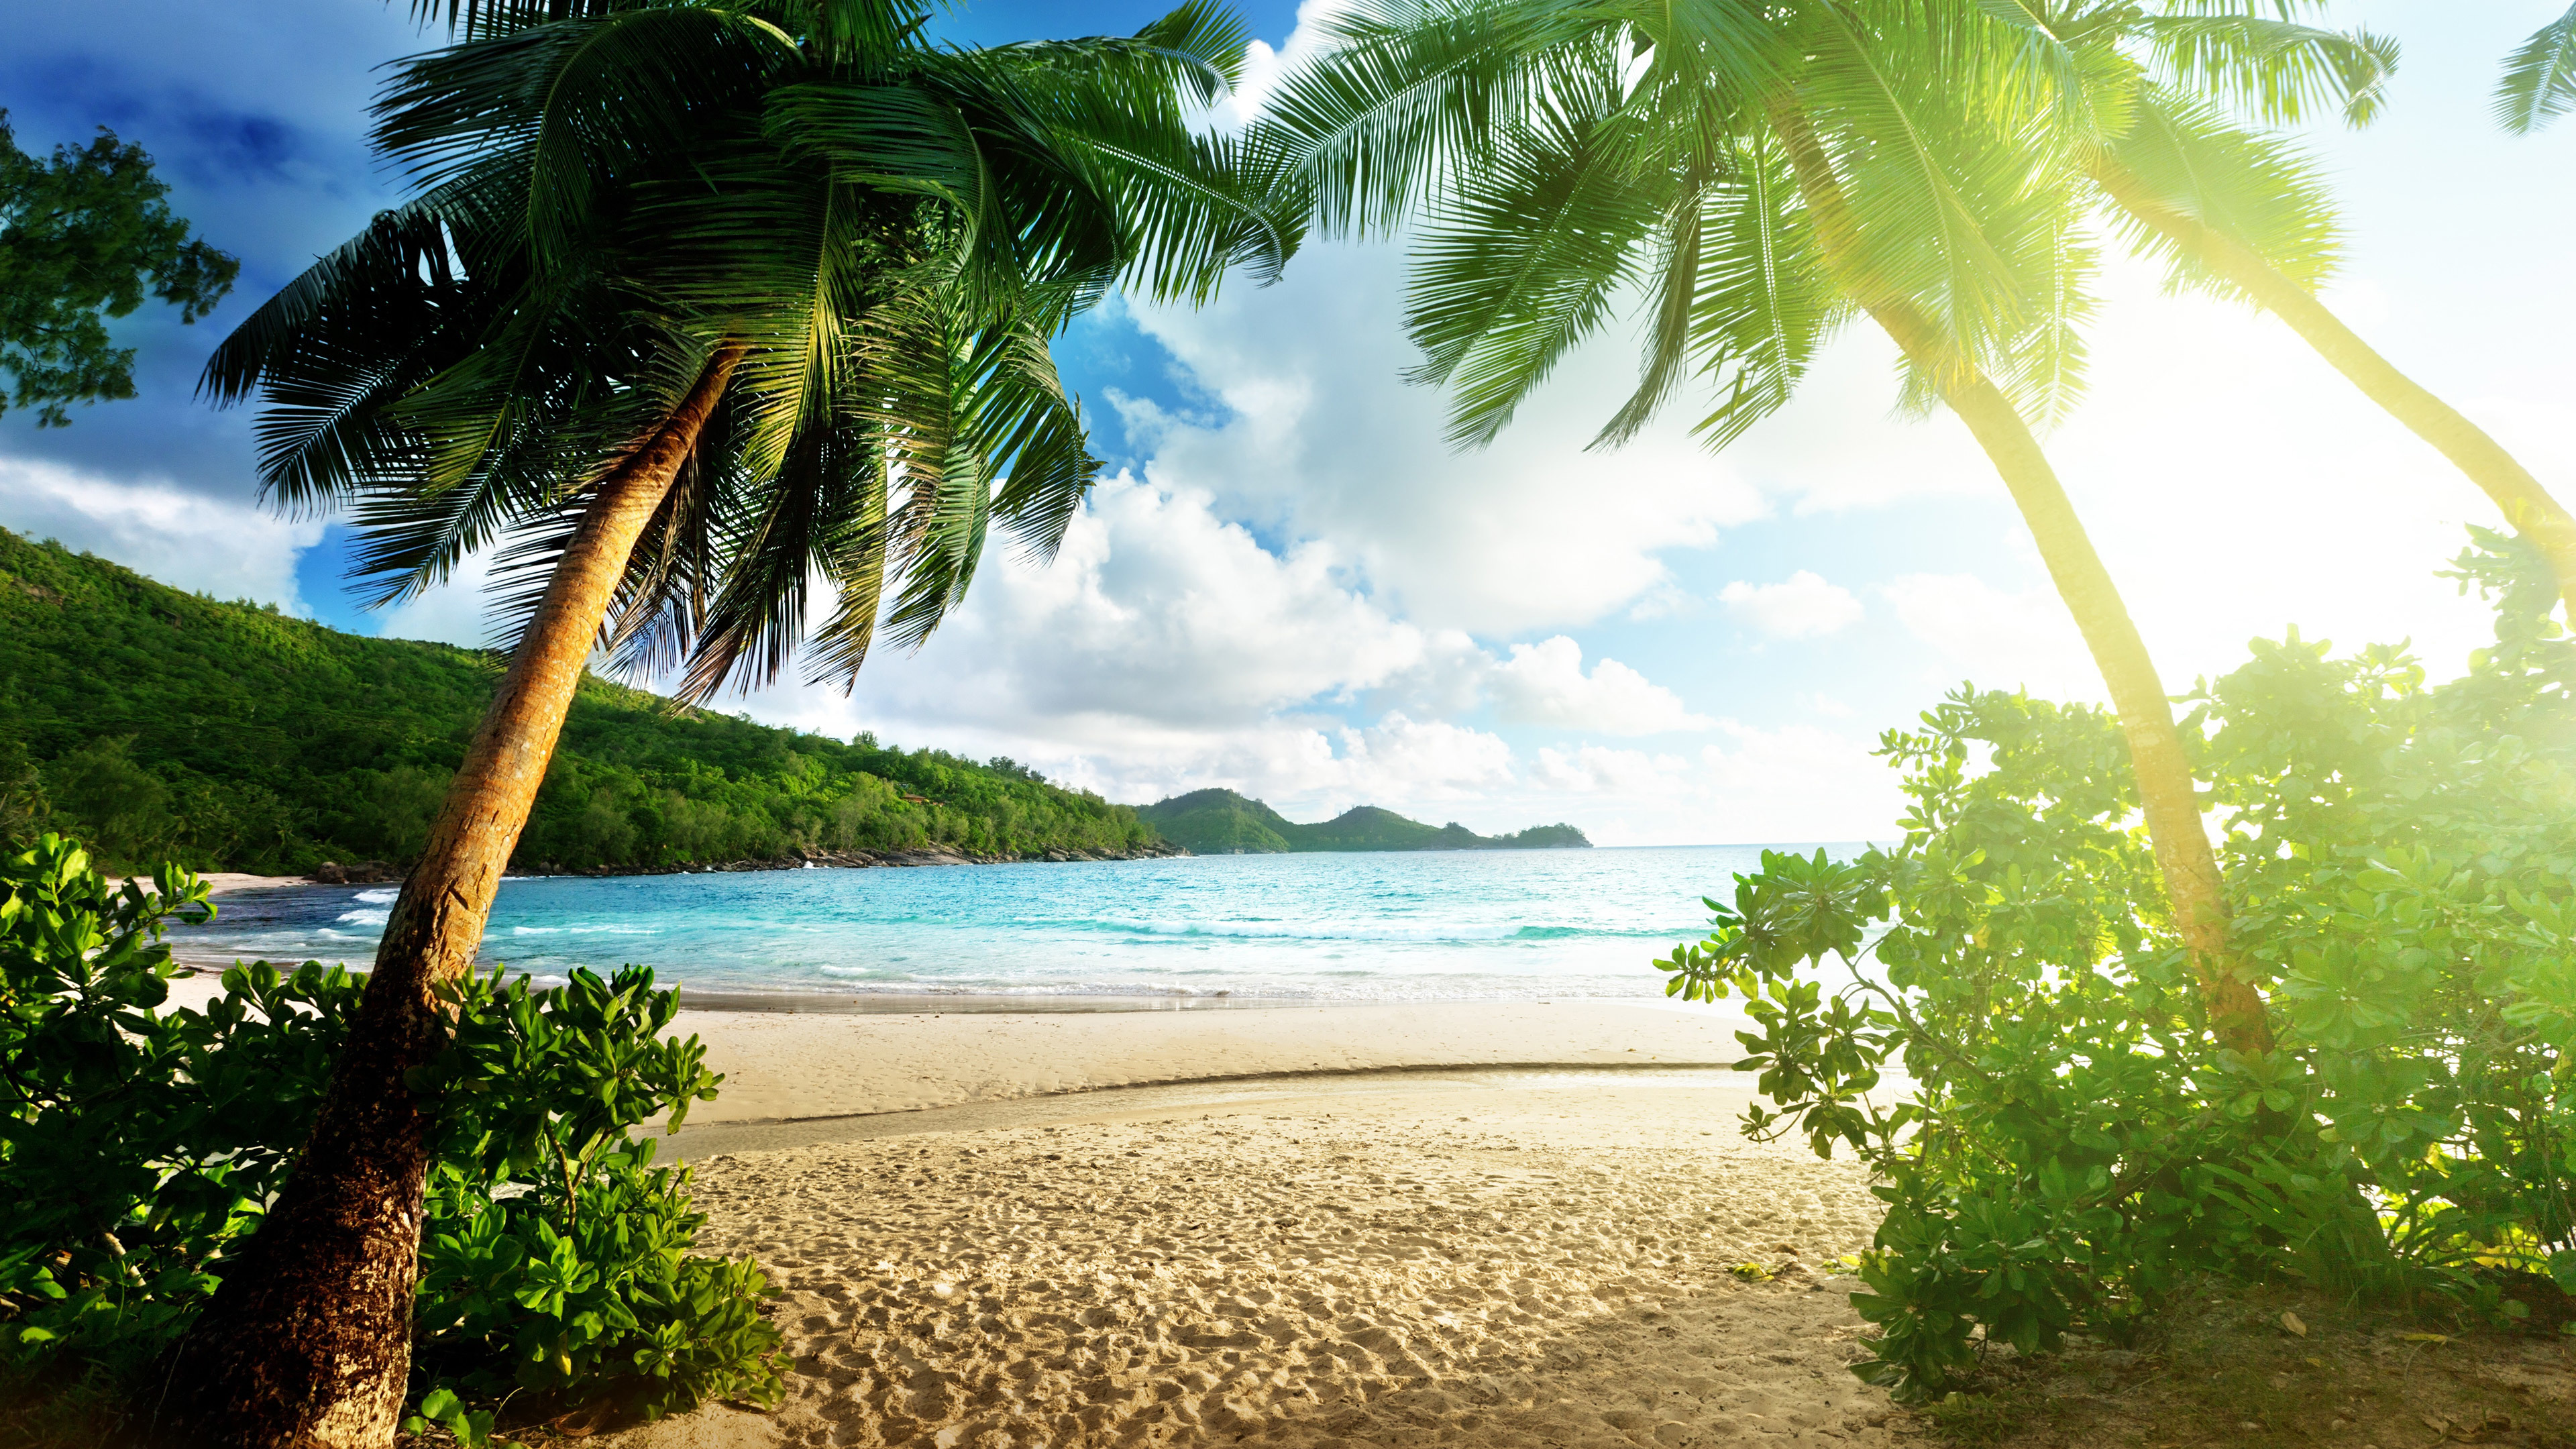 пальмы у моря смотреть